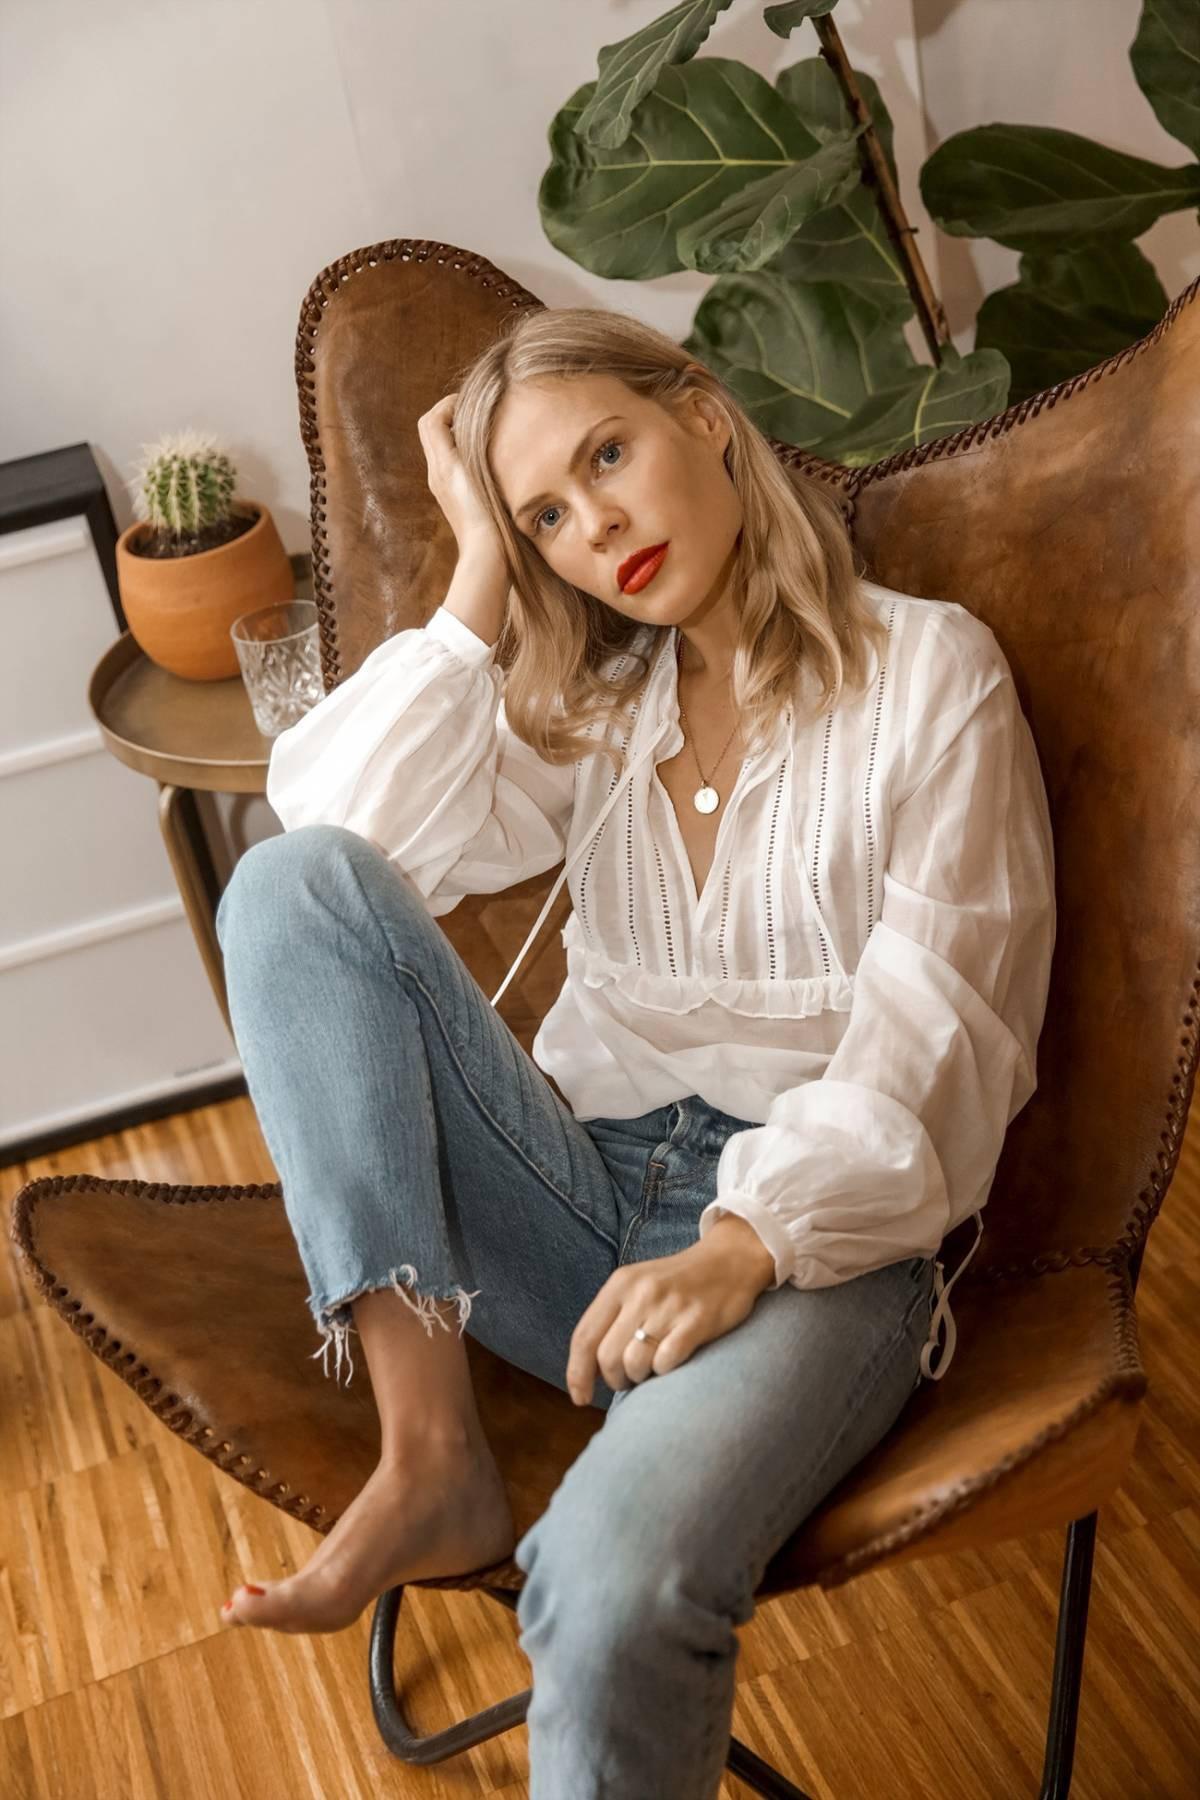 10 kiểu áo blouse hot nhất hiện nay, ngắm rồi chỉ muốn sắm cho bằng hết để mặc - Ảnh 5.